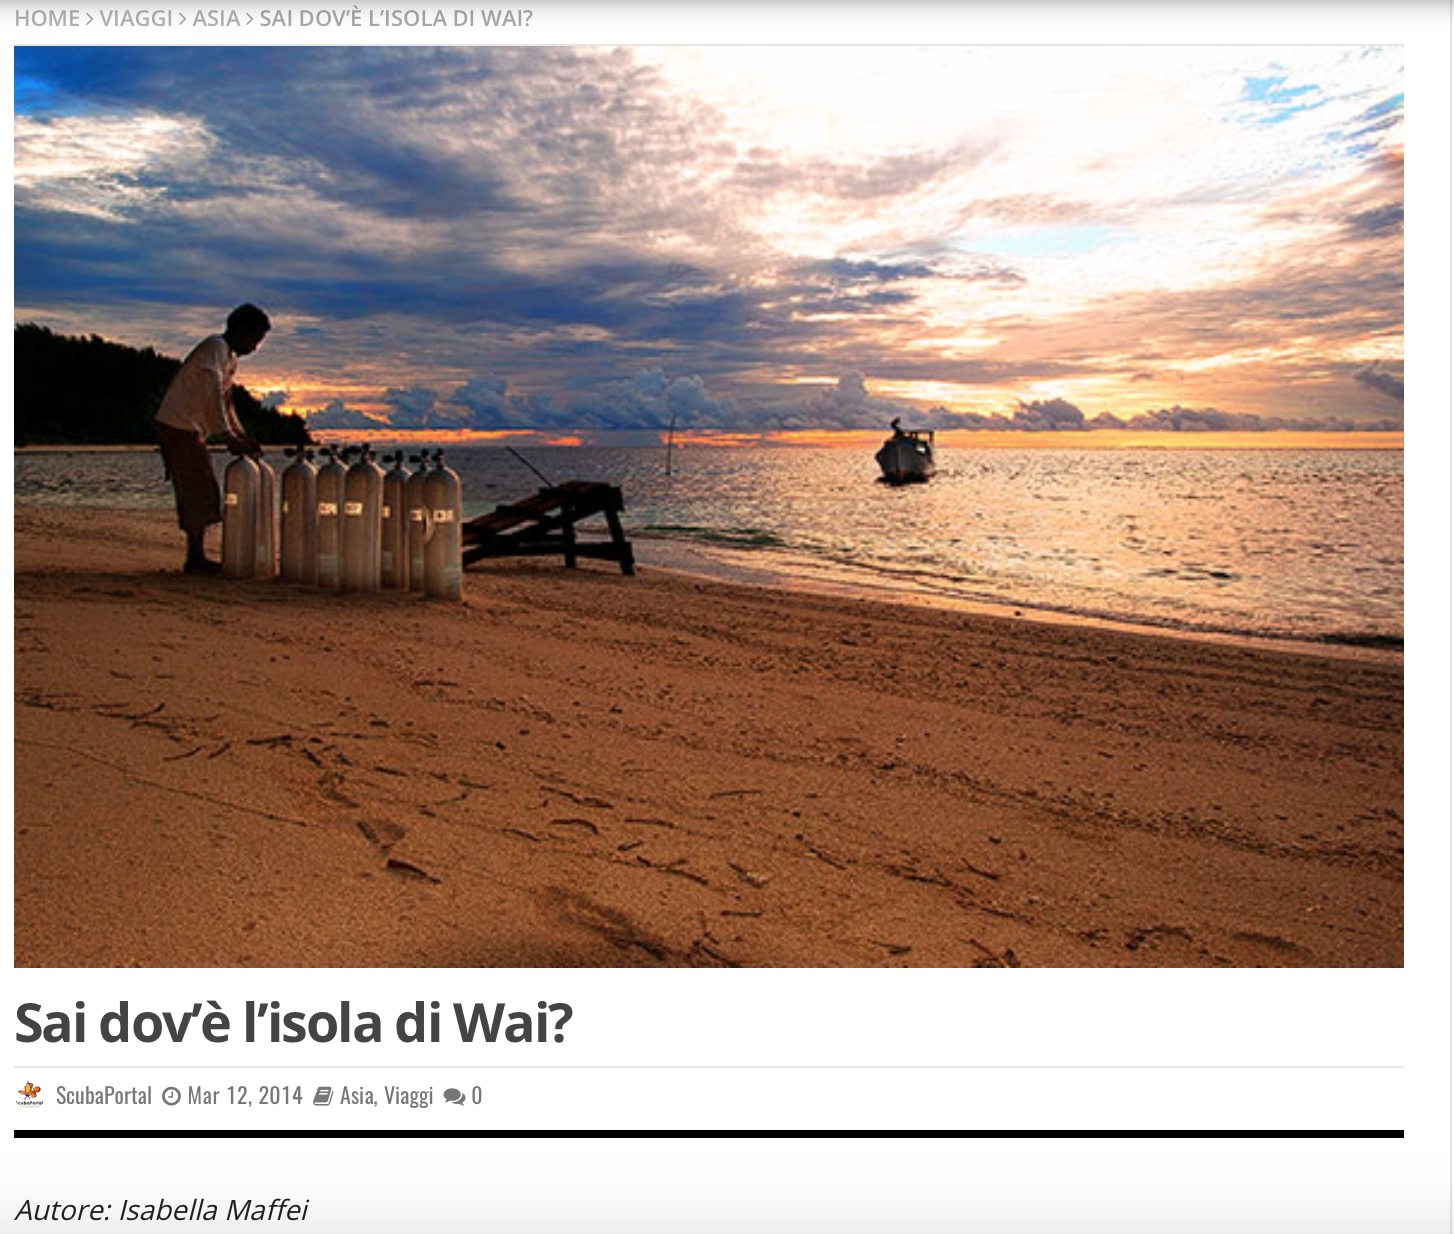 """""""Sai dov'è l'isola di Wai?"""" a review by Isabella Maffei"""